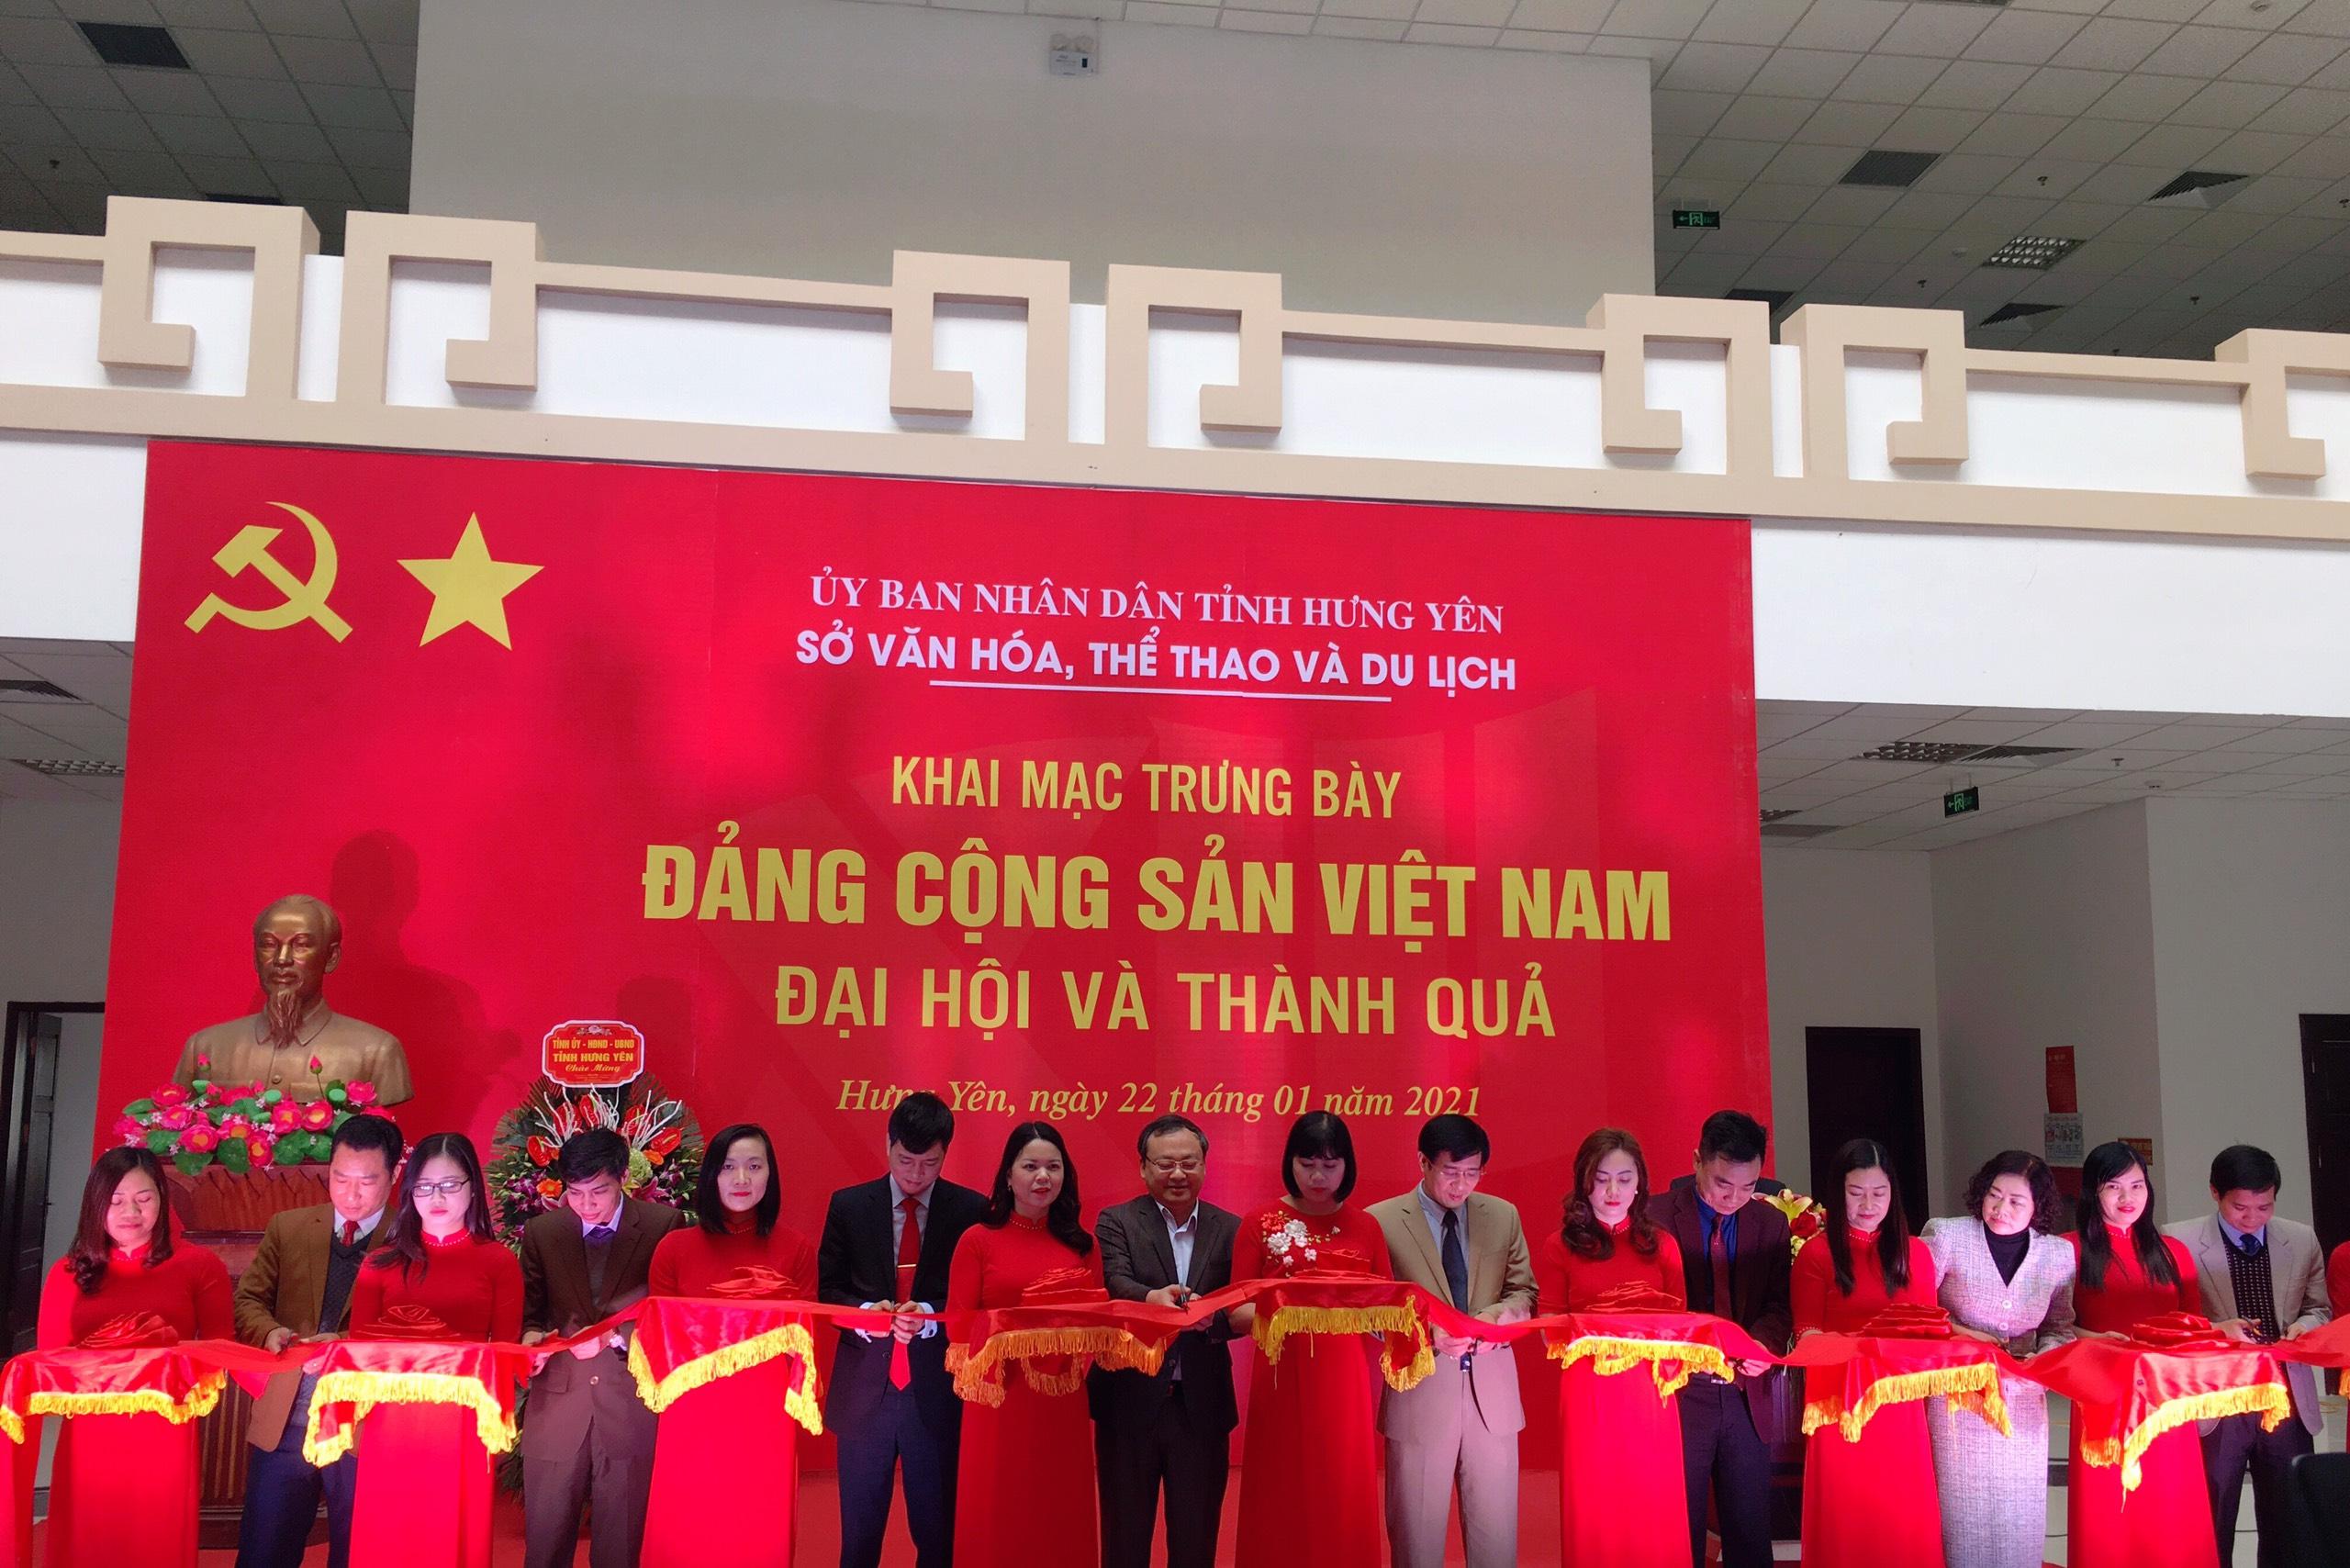 """Khai mạc trưng bày chuyên đề: """"Đảng Cộng sản Việt Nam – Đại hội và thành quả"""""""